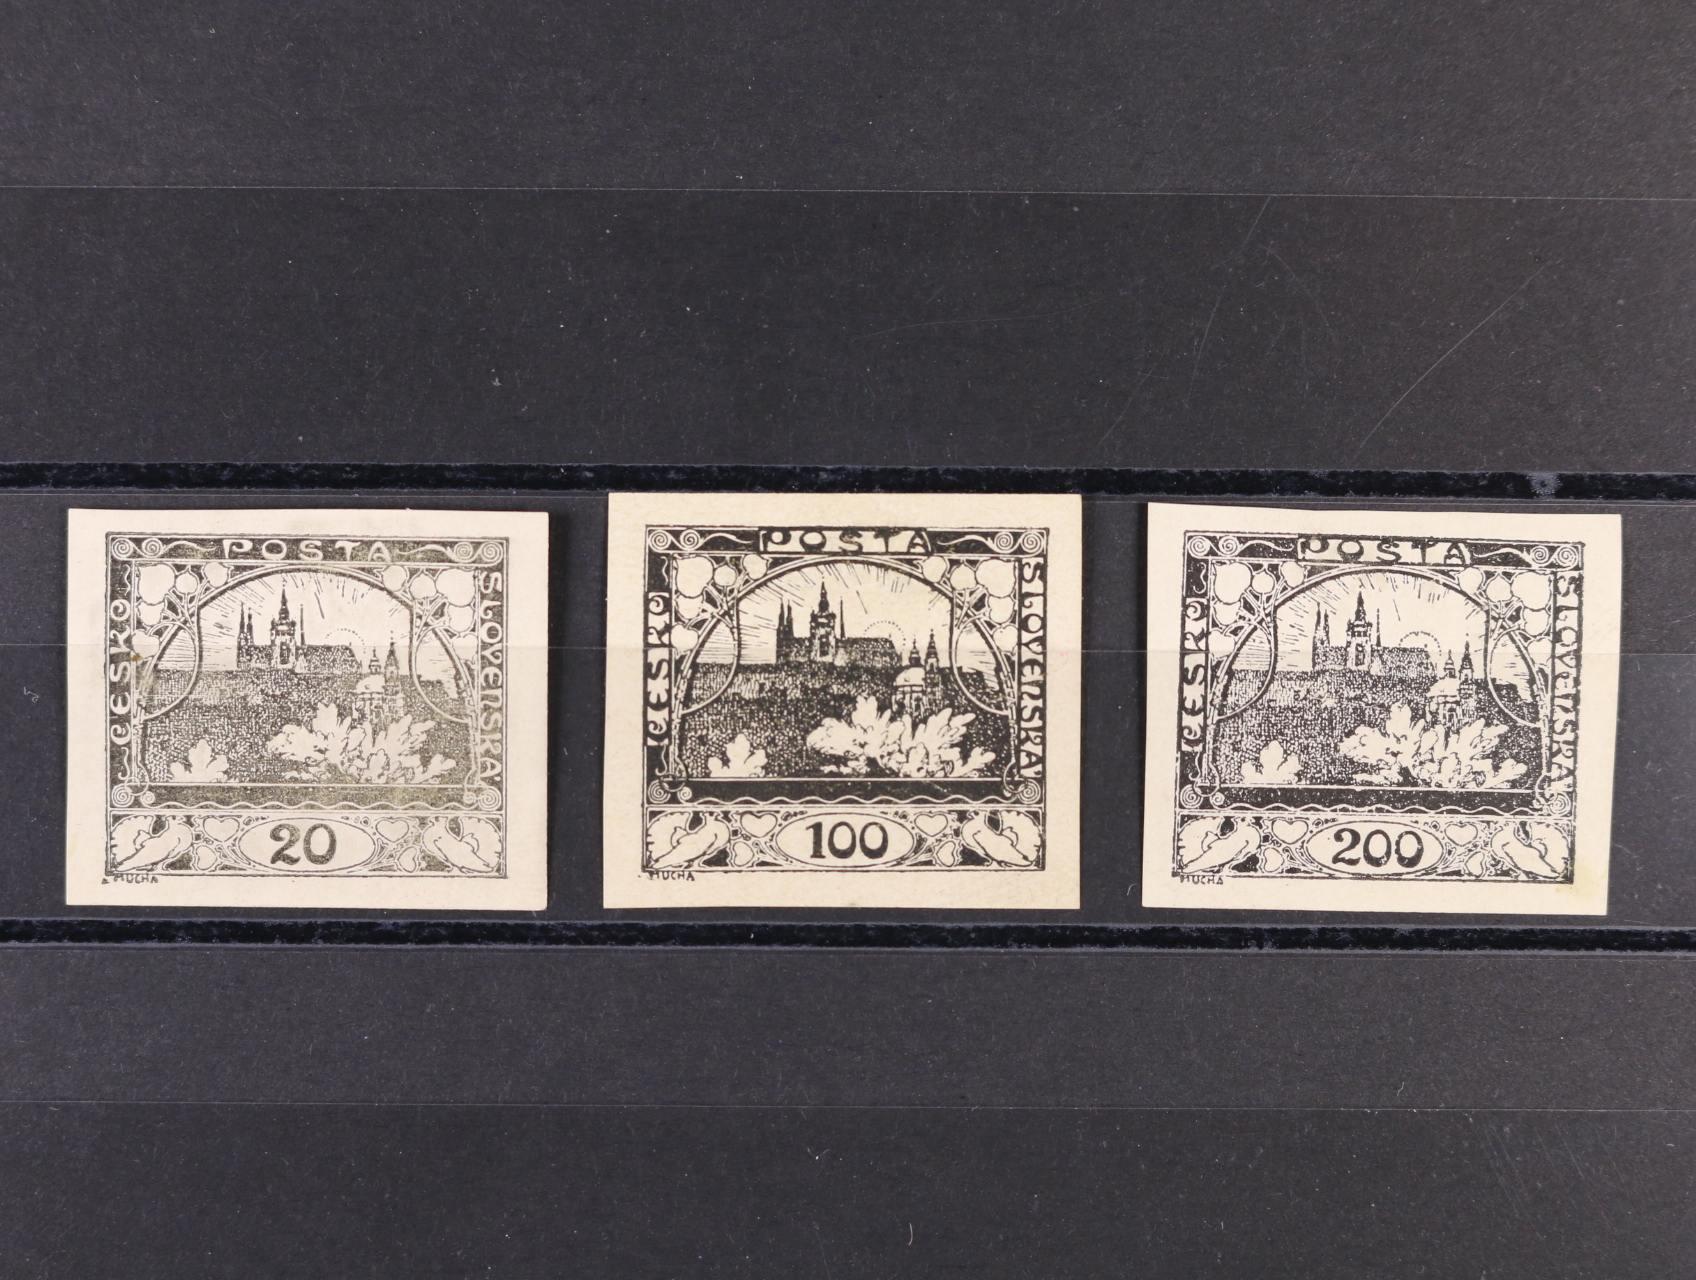 ZT zn. č. 8, 20 (nepatrně stržený papír), 22 v černé barvě na bílém papíře